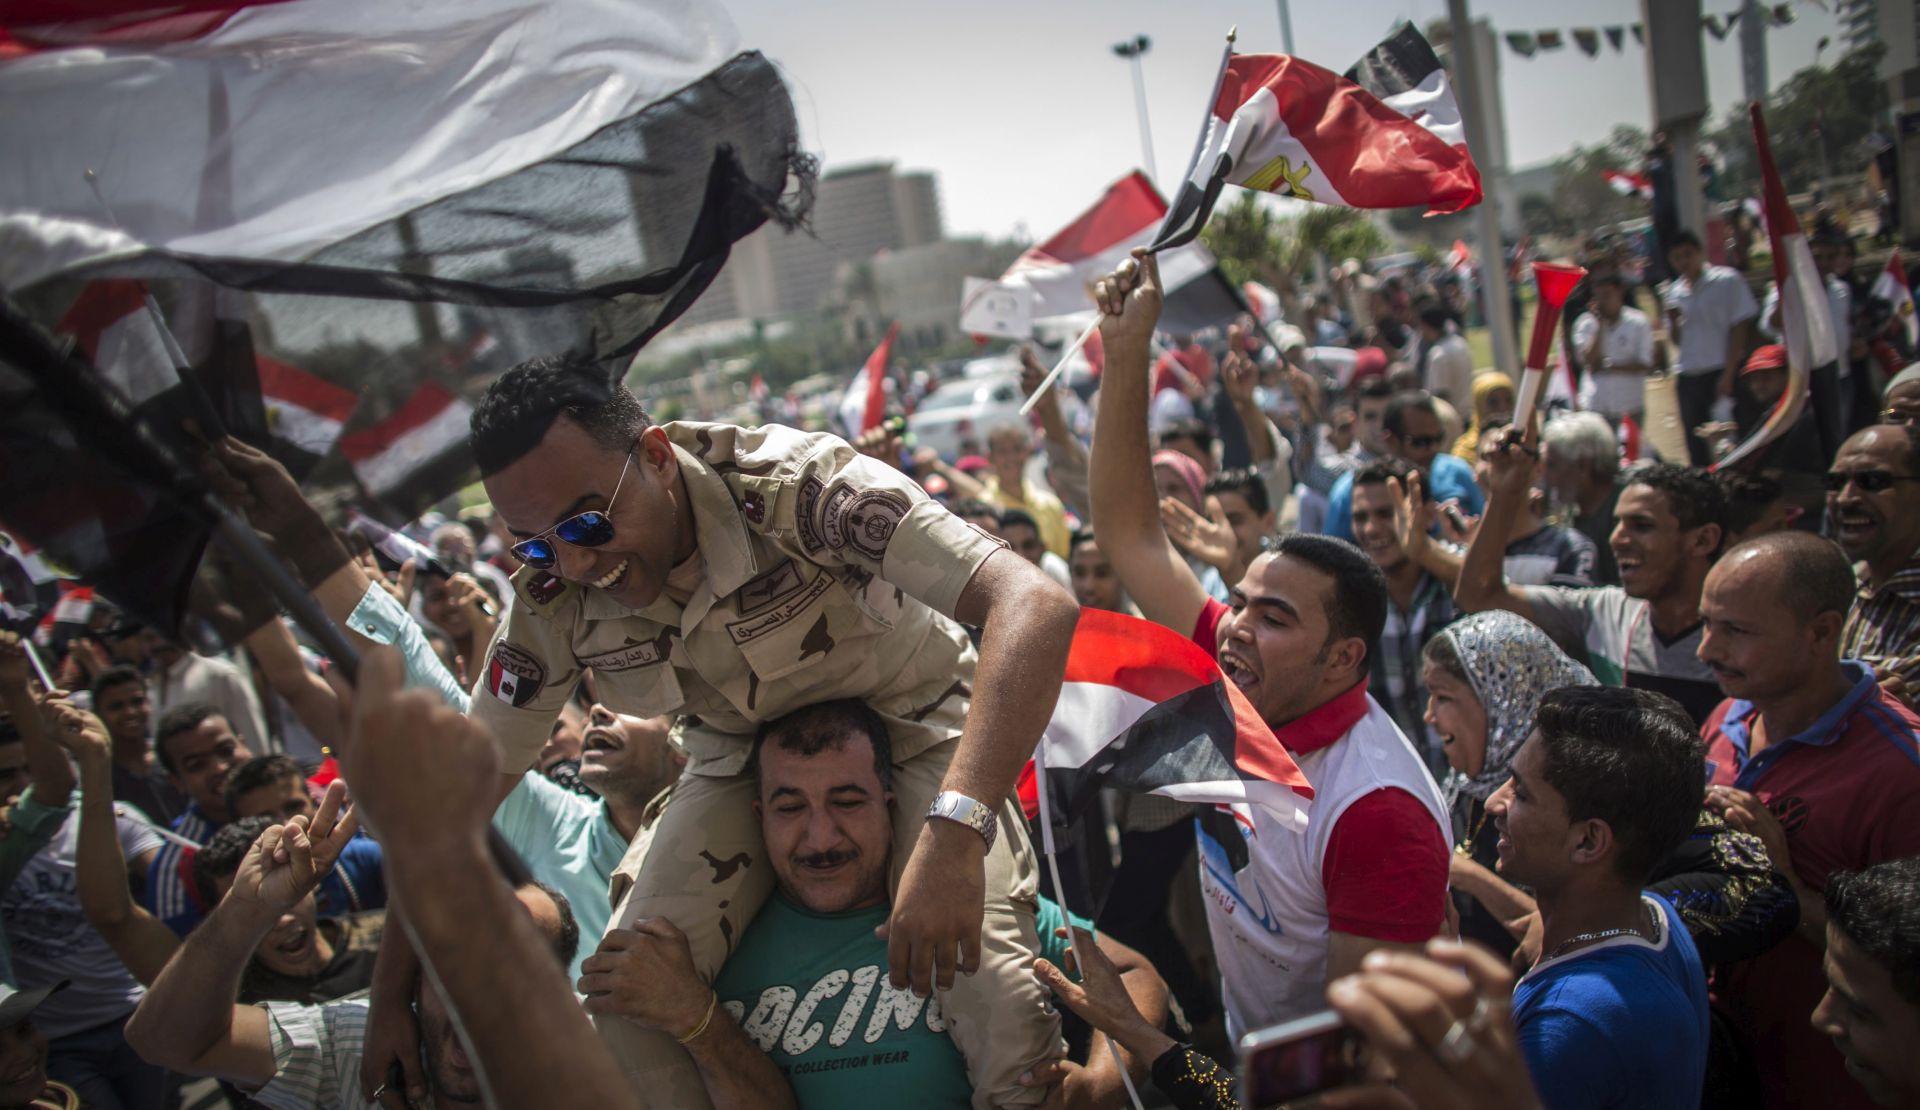 TREBAO BI POTAKNUTI GOSPODARSKI ZAOKRET Svečanost otvaranja novog kraka Sueskog kanala